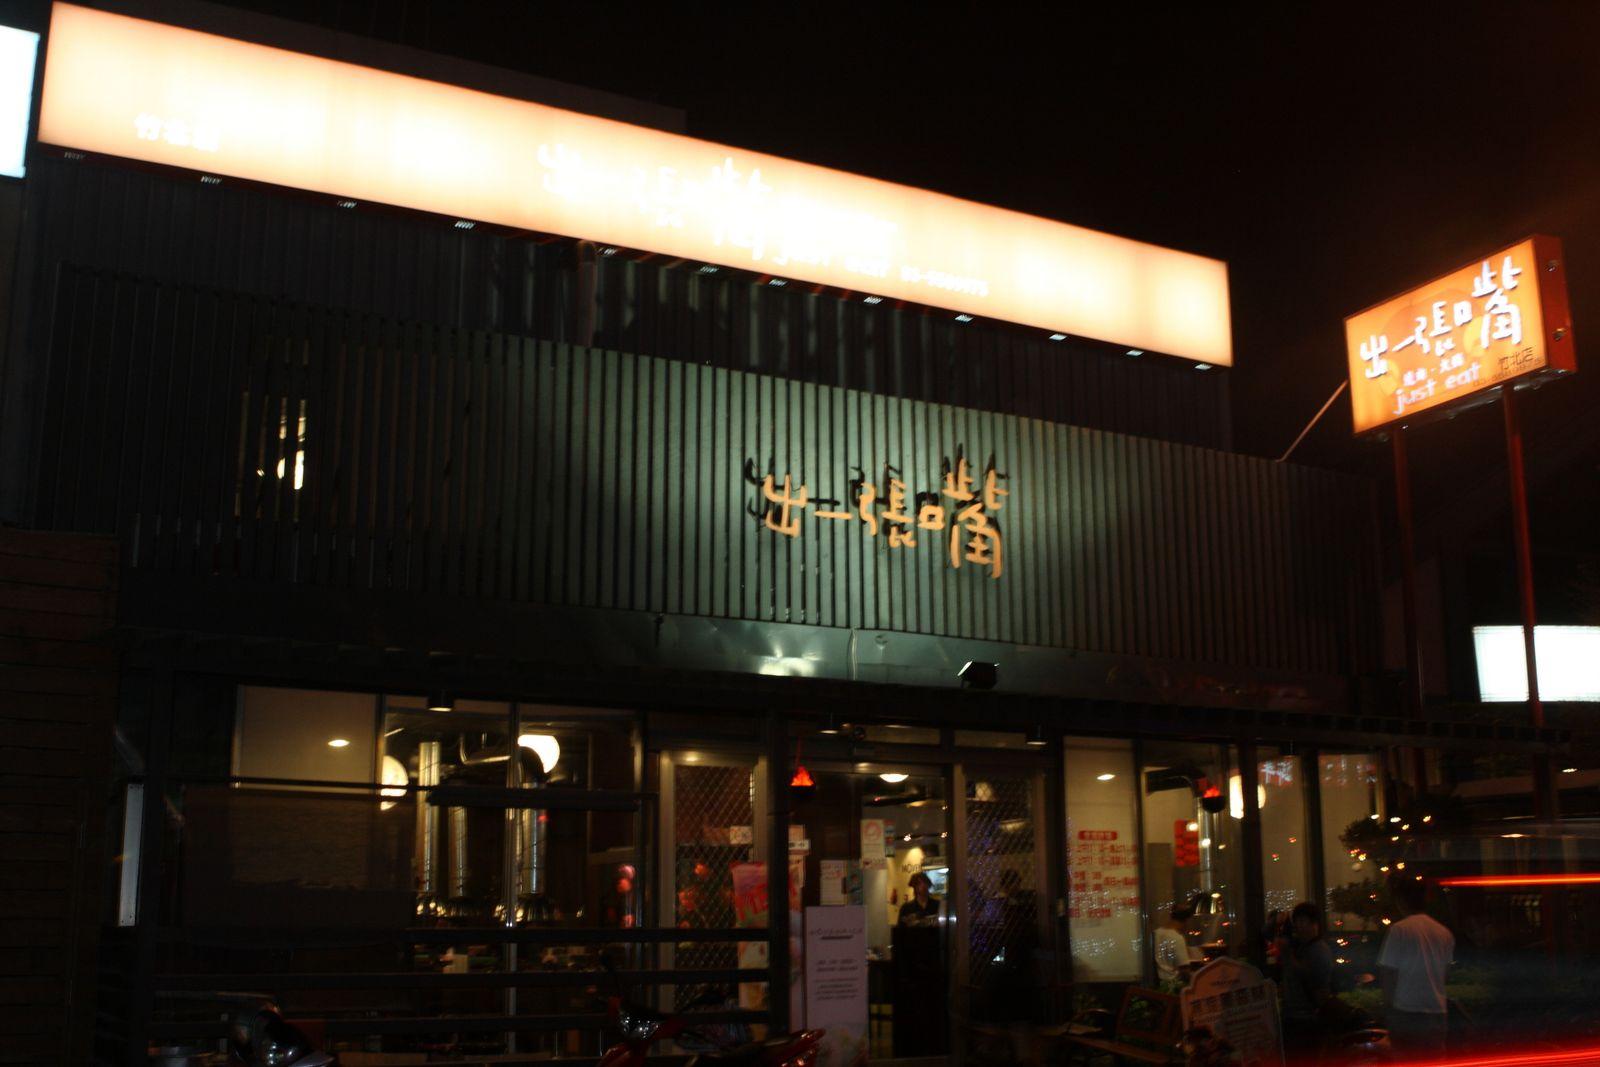 3/19 竹北聚餐餐廳 出一張嘴--限時火烤兩吃餐廳 @ JV's Rich House*Jeff & Vivian挖掘紀錄每個人都擁有的富足 :: 痞客邦